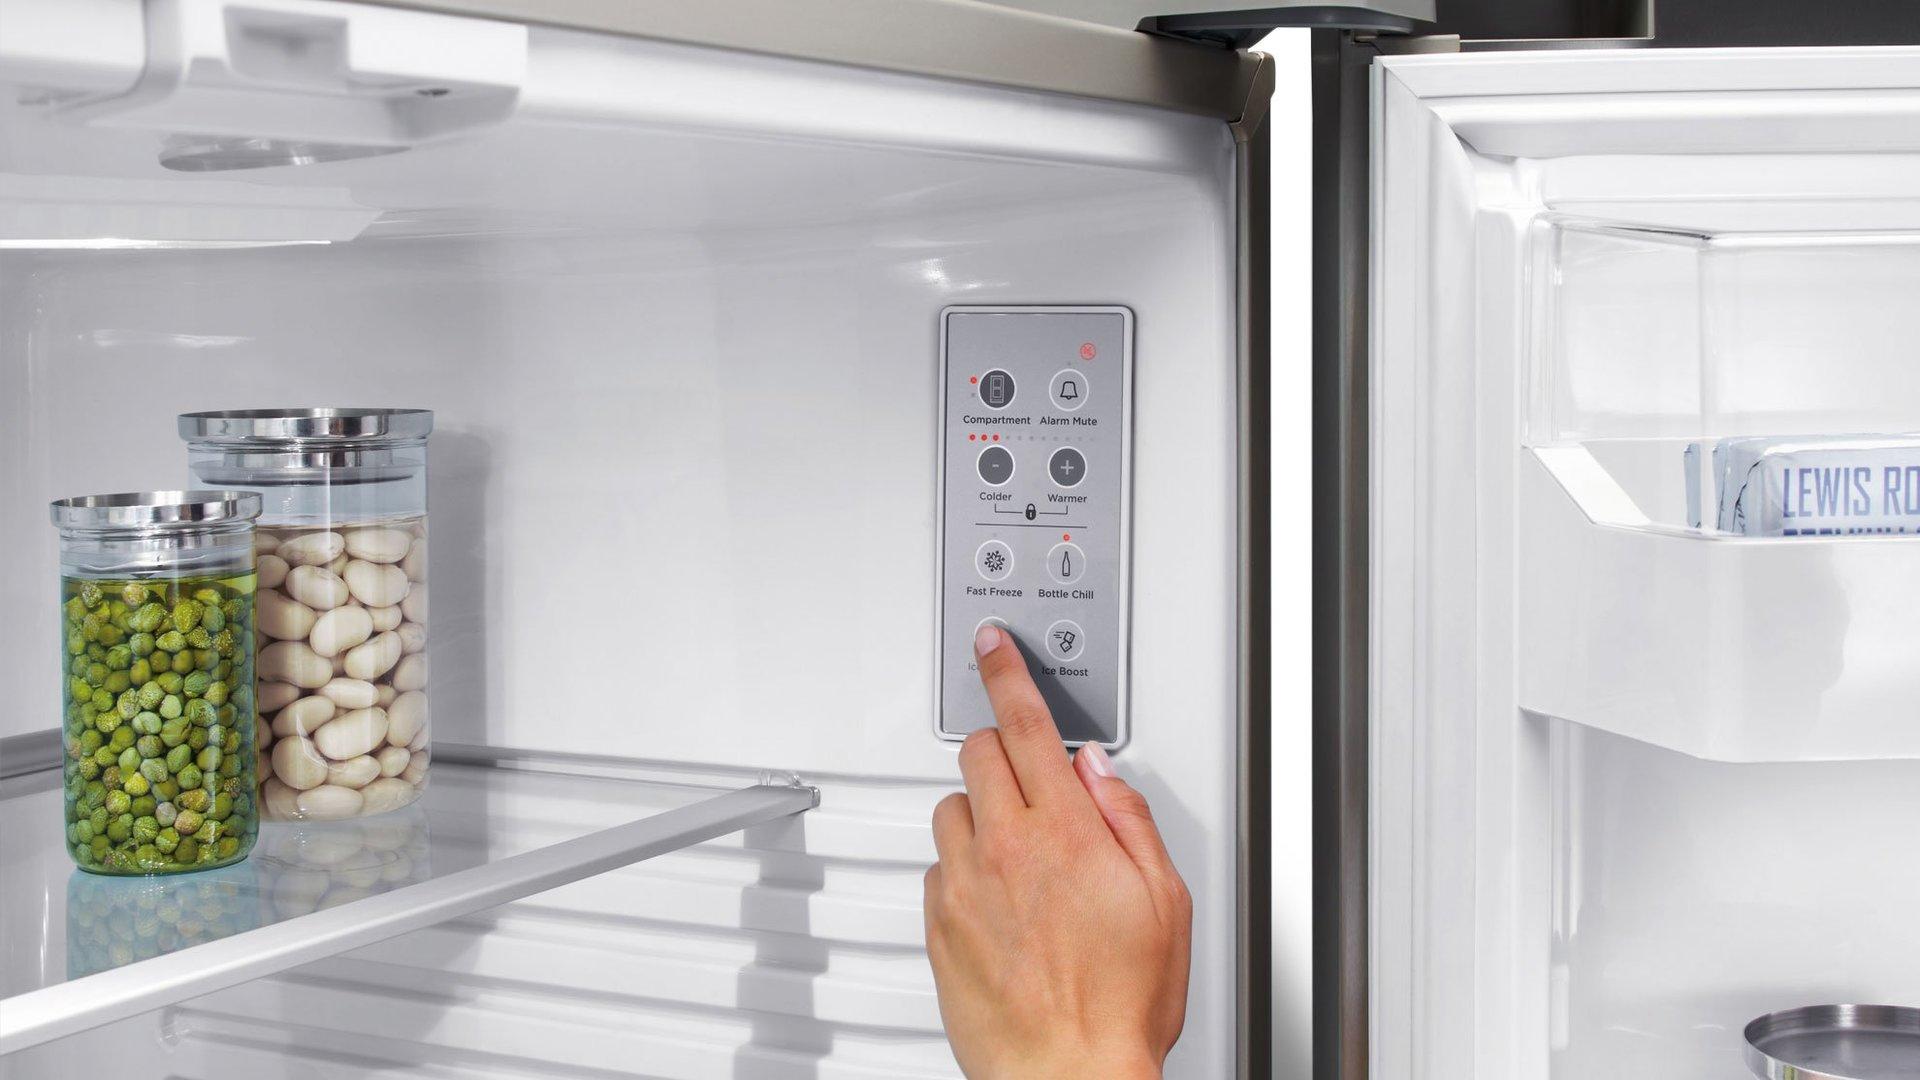 звуковой сигнал холодильника